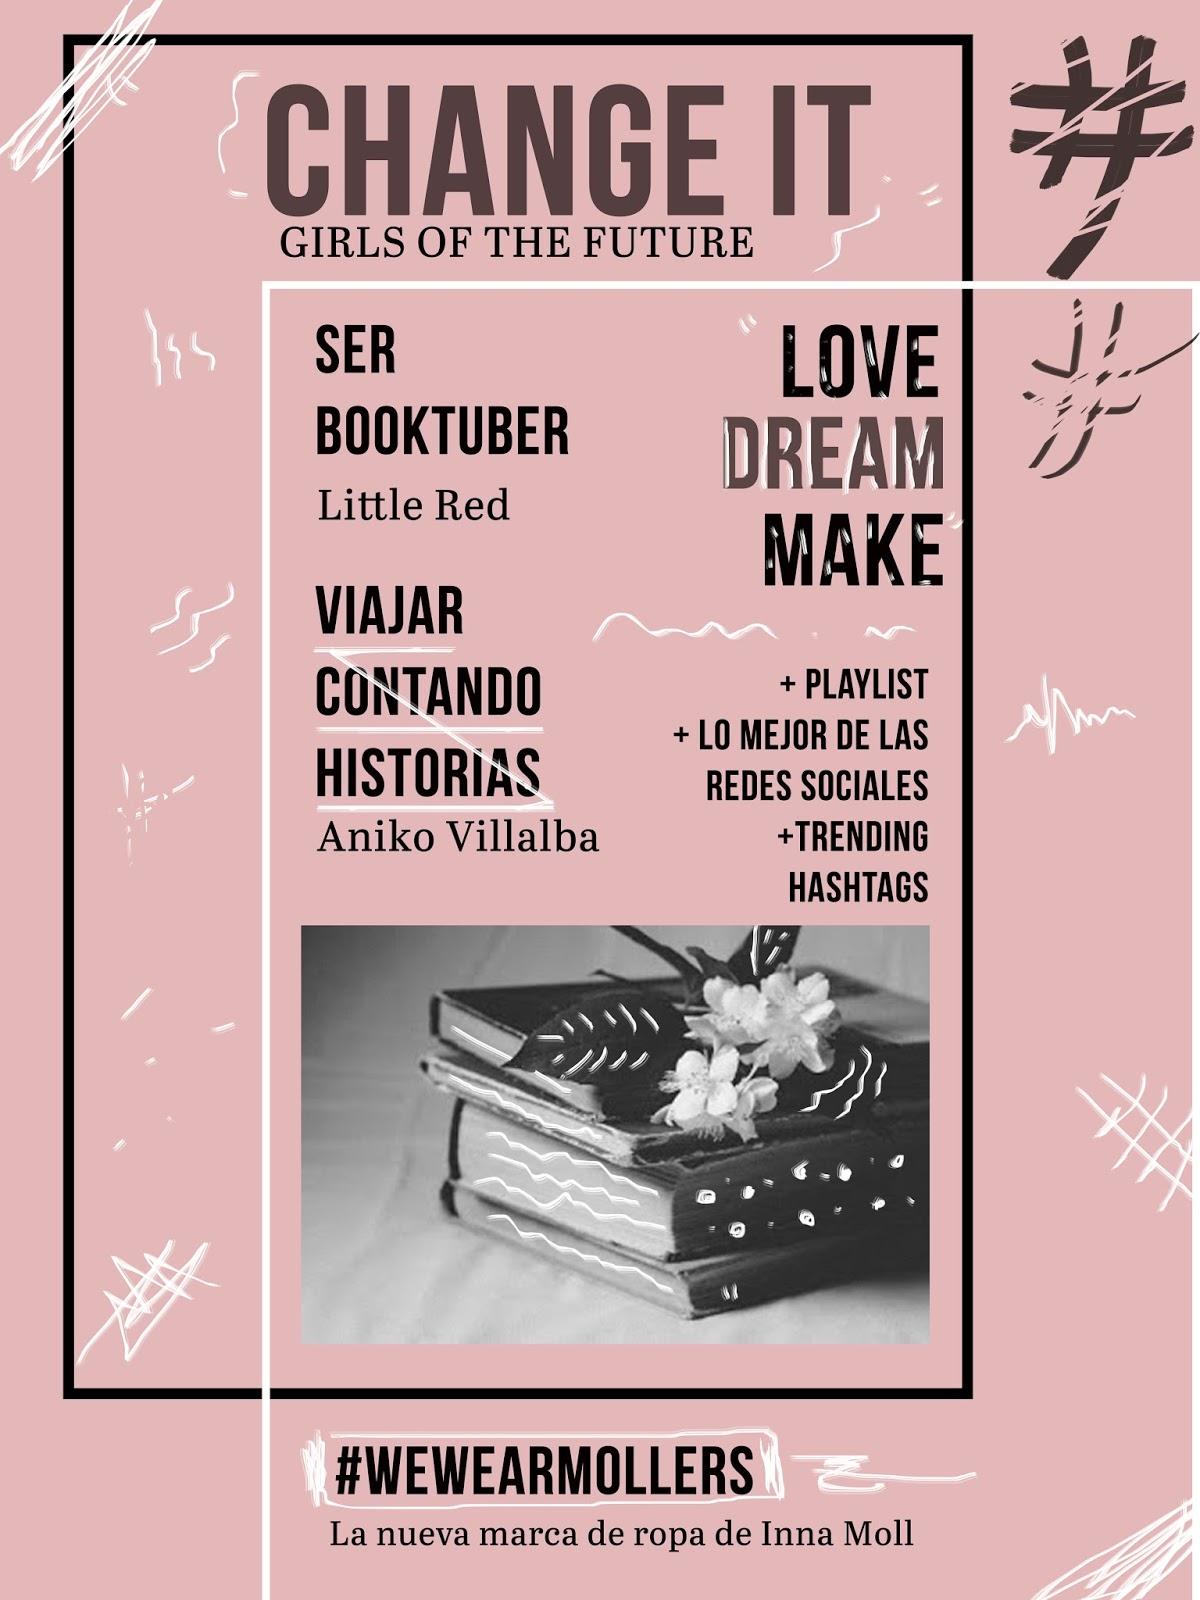 nueva revista, chcias del futuro, millenials, redes sociales, tecnología, youtubers, influencers